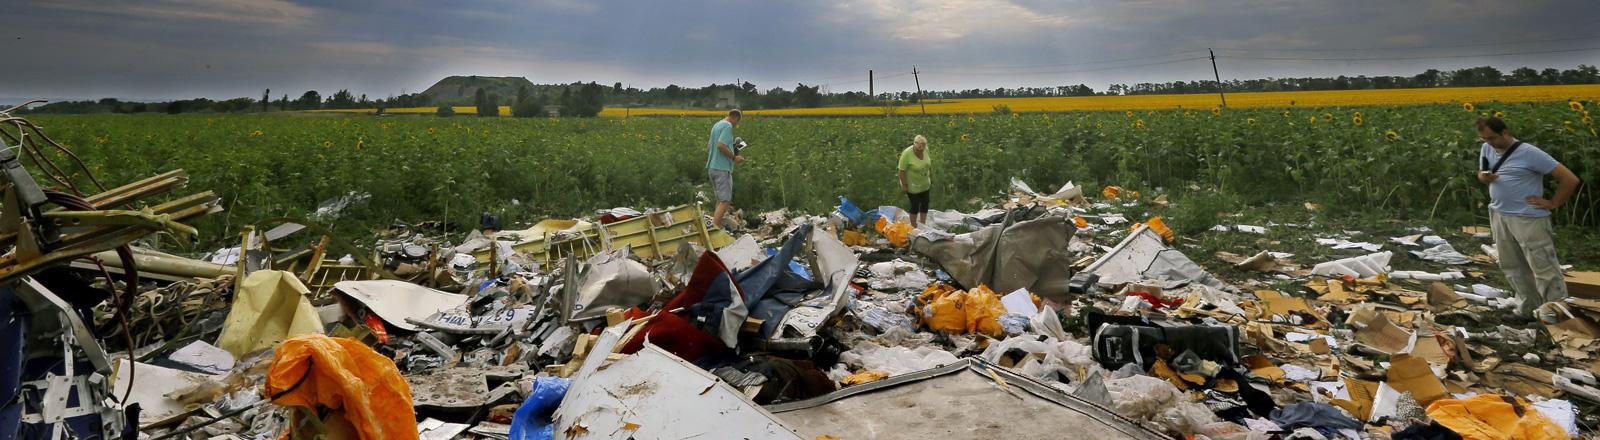 An der Absturzstelle der MH17 liegen Trümmer. Journalisten stehen am Rand. Dahinter ist ein Feld voller Sonnenblumen; Bild: dpa